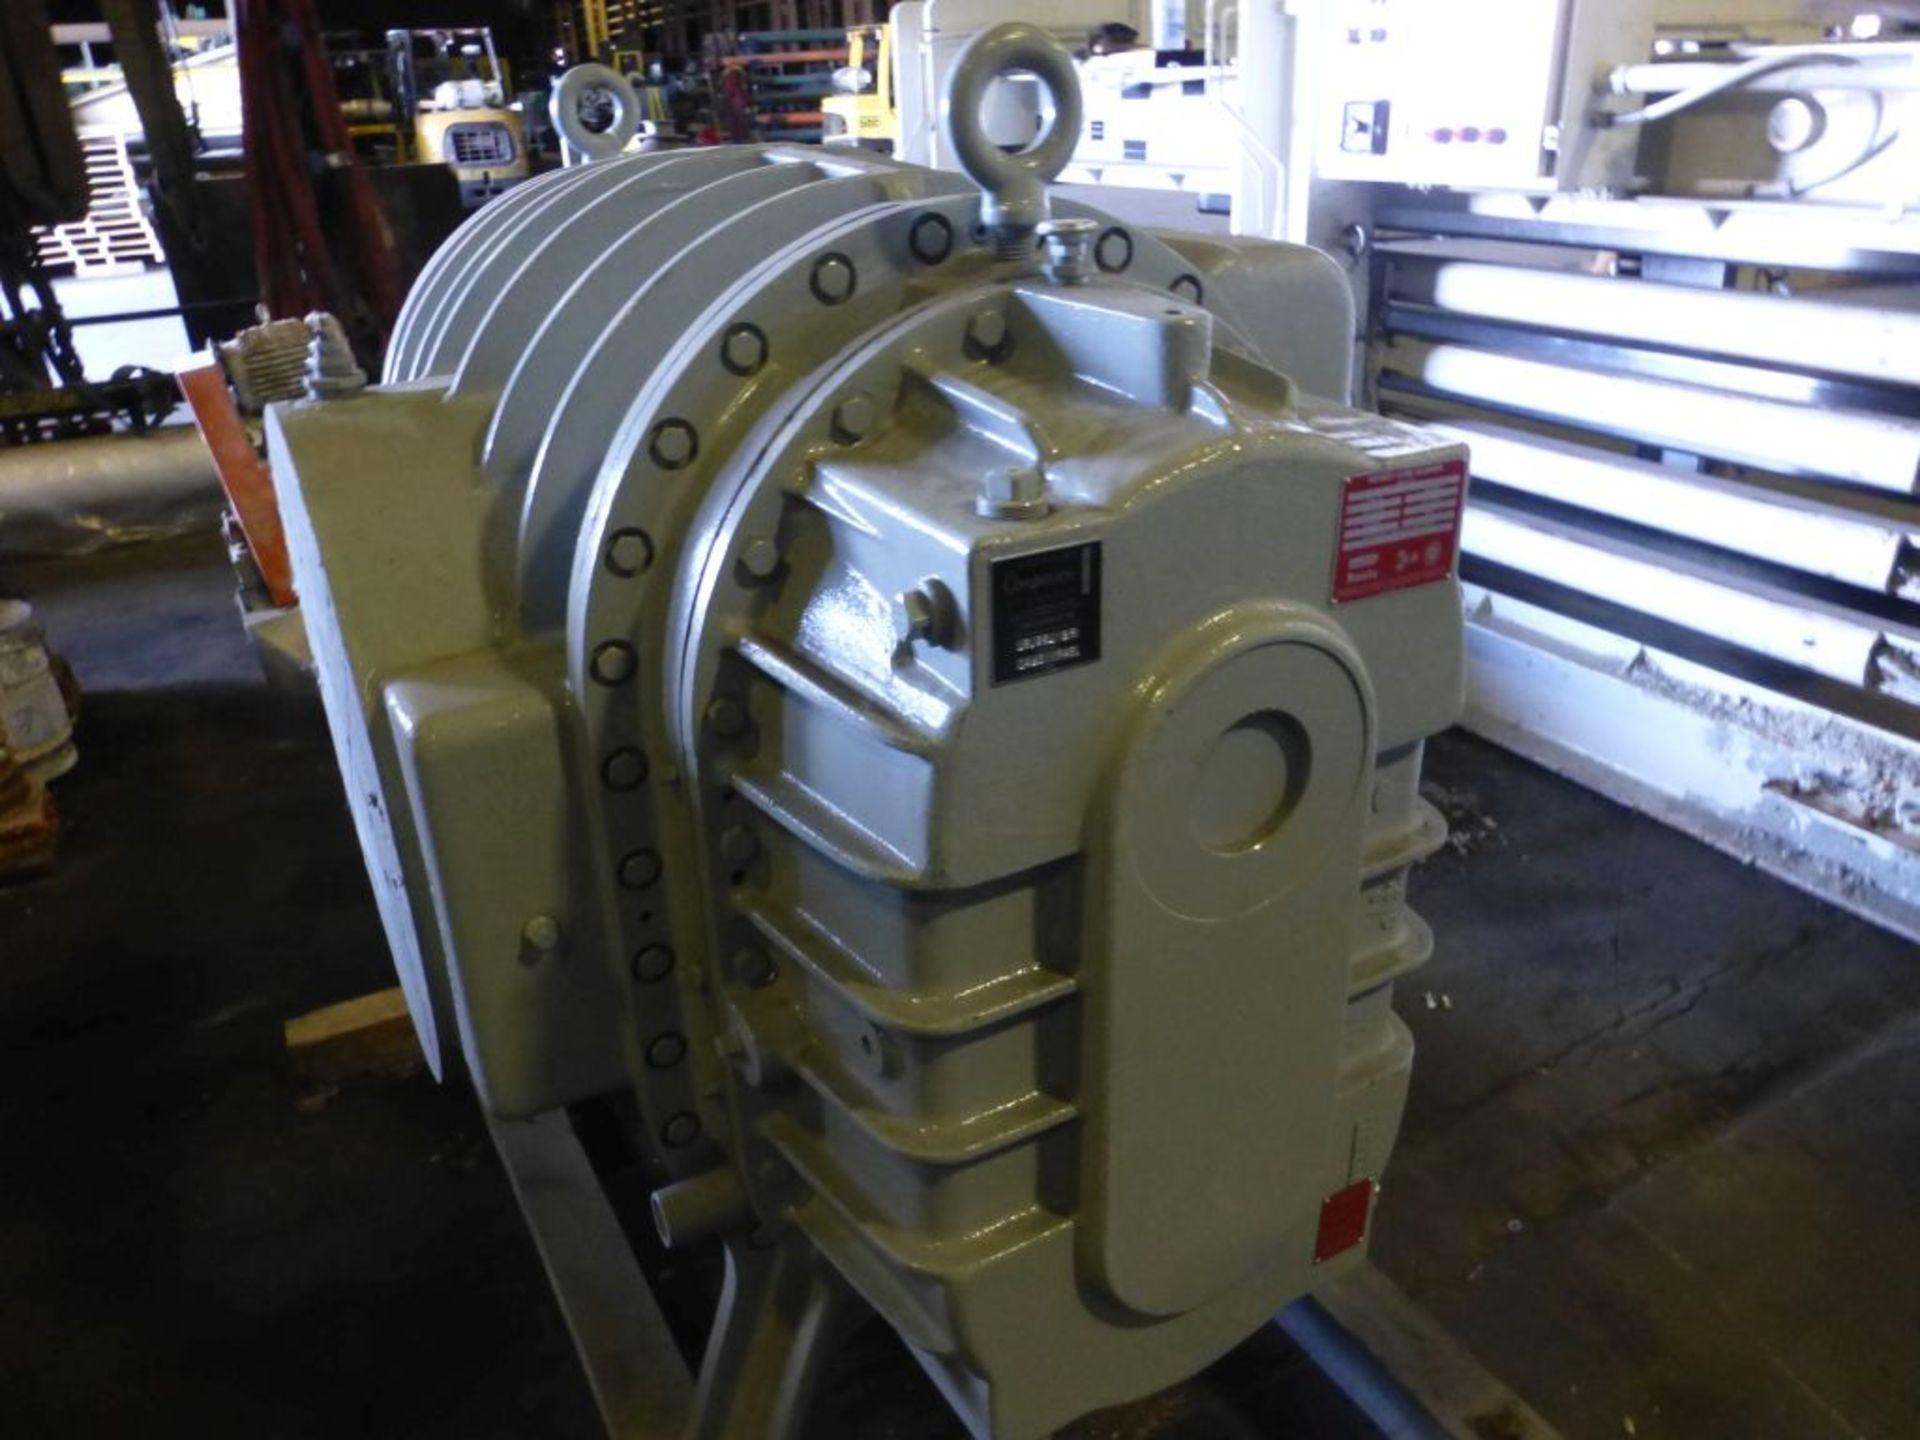 Roots Dresser Rotary Lobe Blower | Model No. 1435-J-V-N-CL-7L-0-R-L-OCE; Max Speed RPM: 1365; - Image 3 of 6